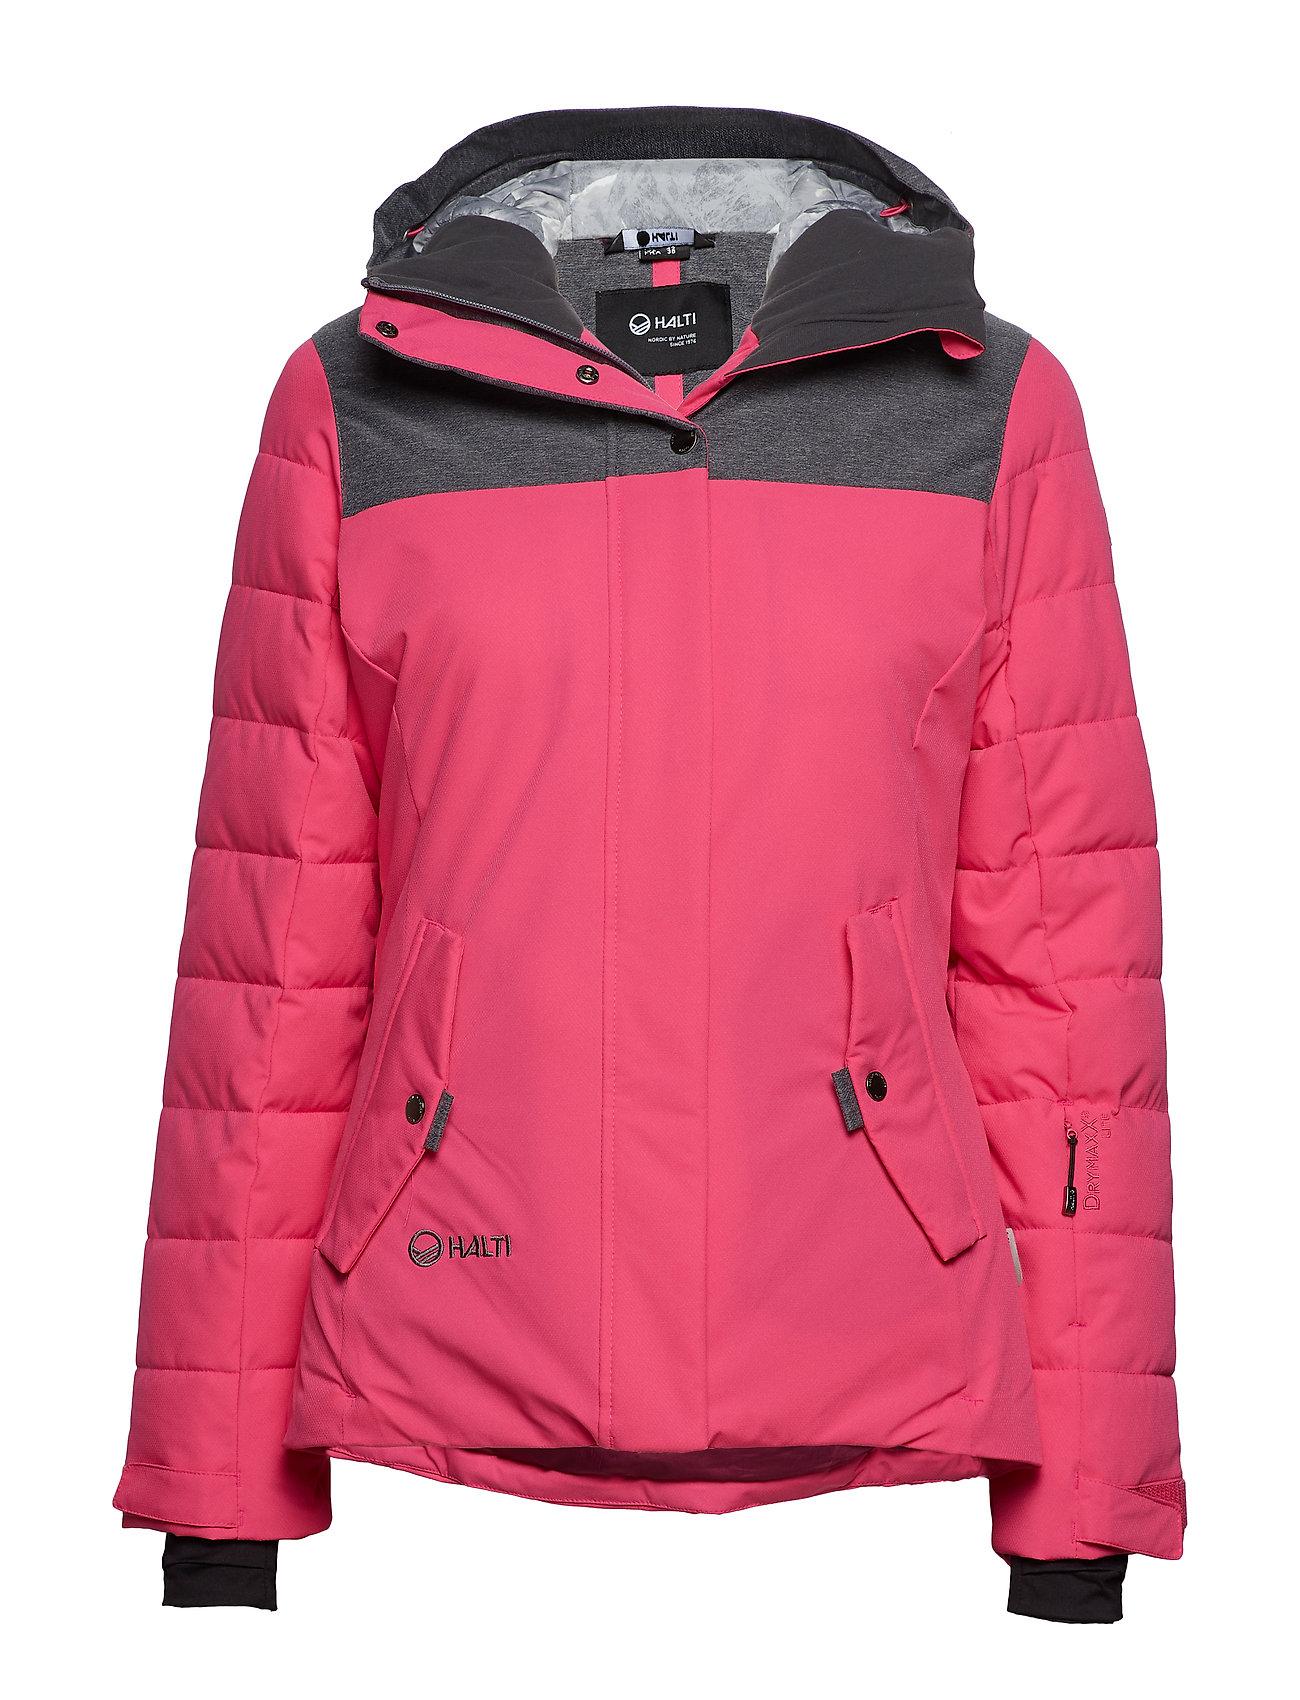 Halti Kilta W DX warm ski jacket